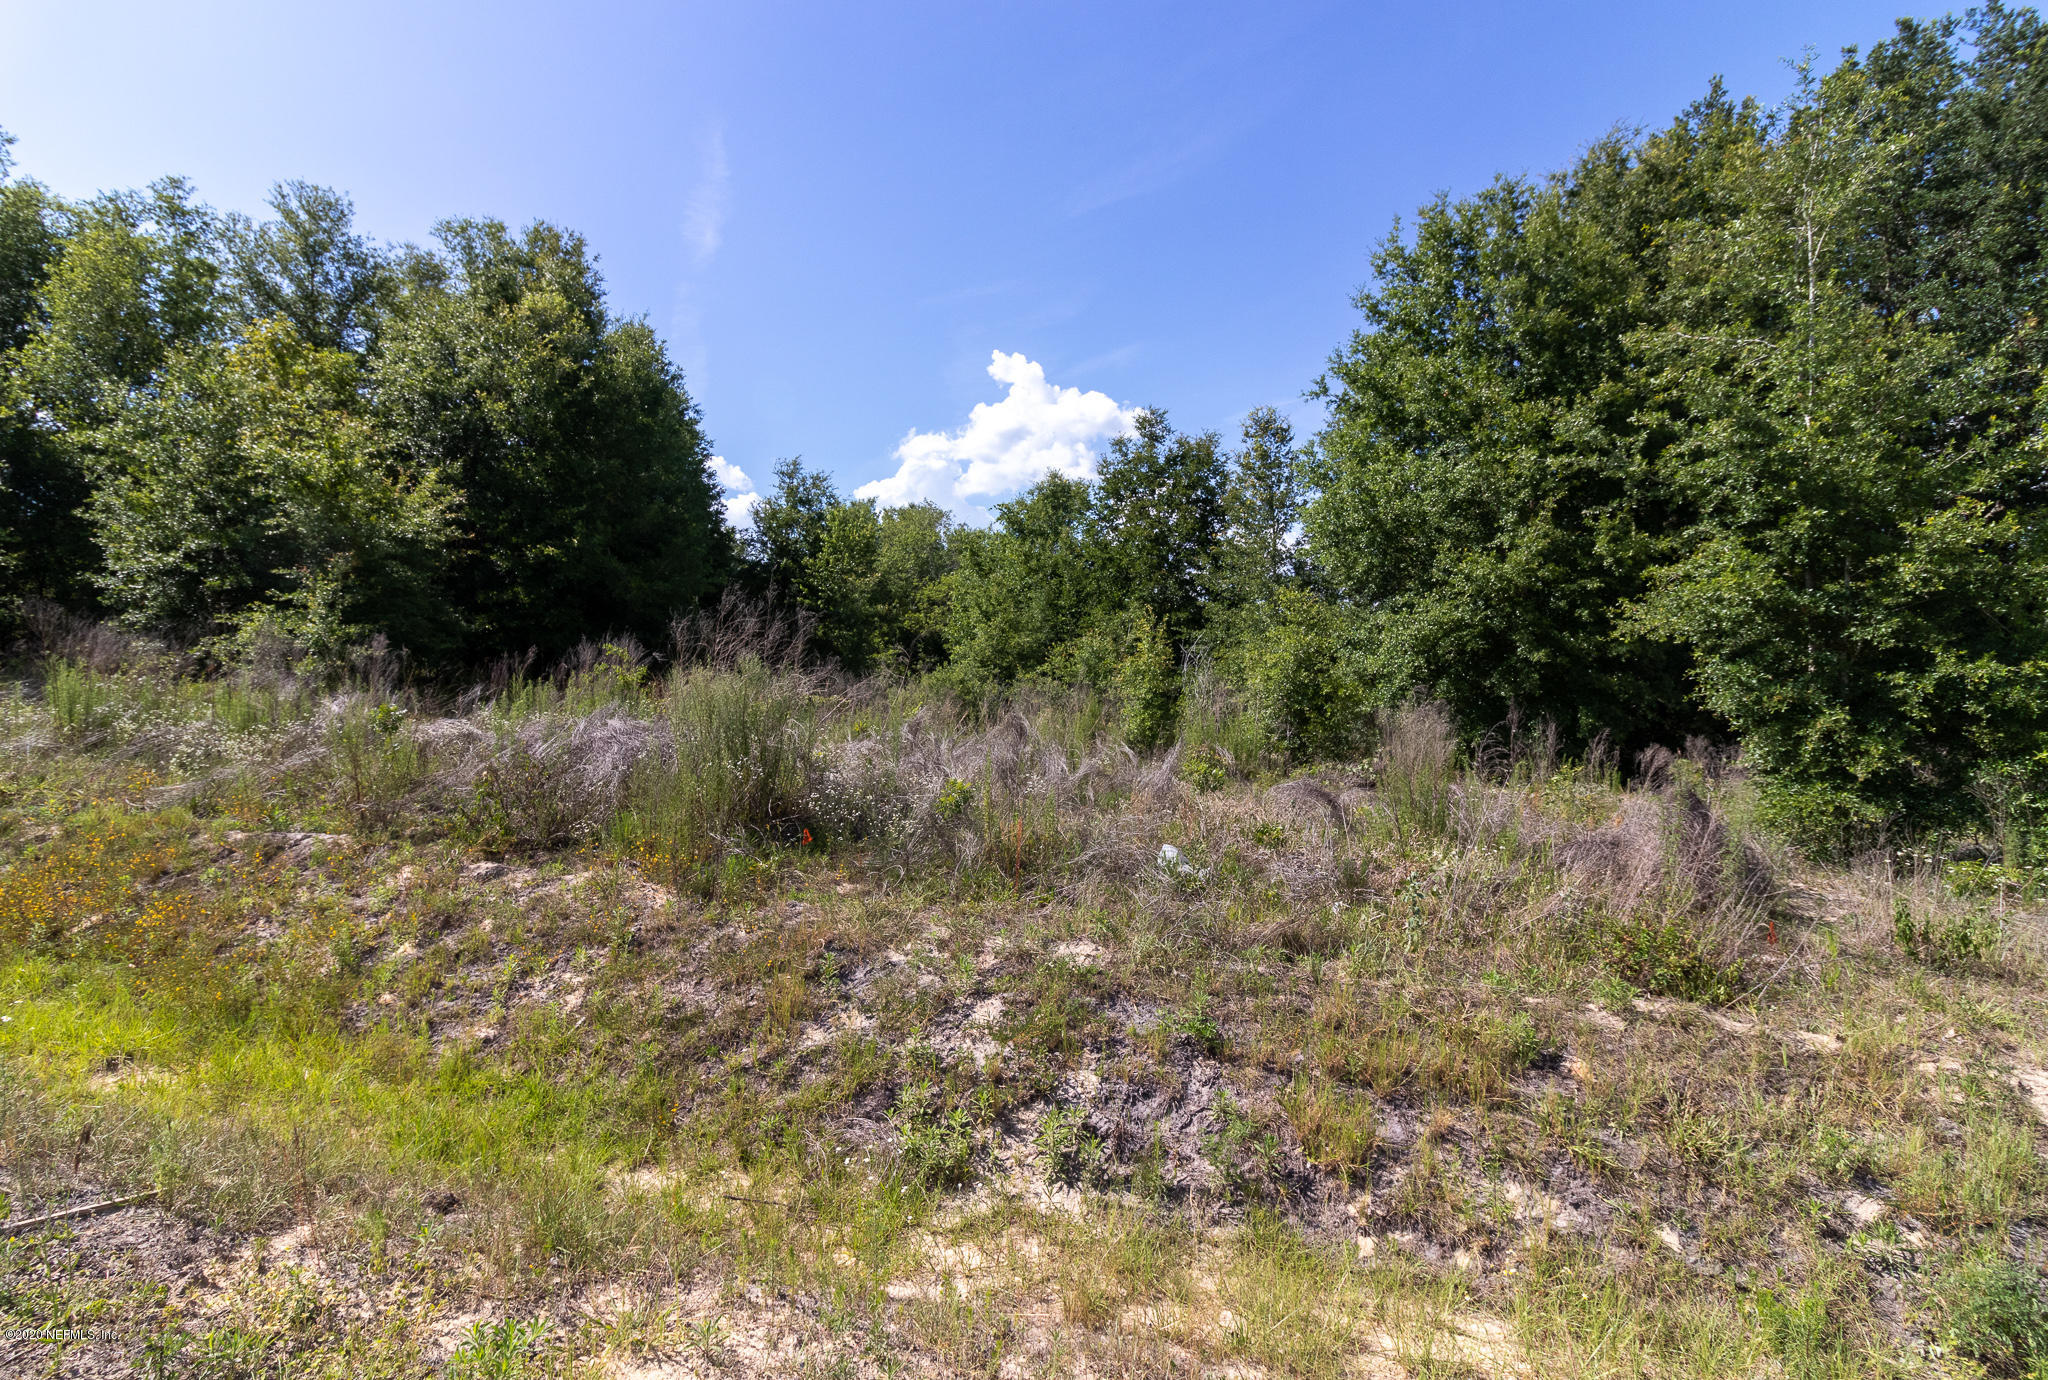 0 ASHLEY LAKE, MELROSE, FLORIDA 32666, ,Vacant land,For sale,ASHLEY LAKE,1055292